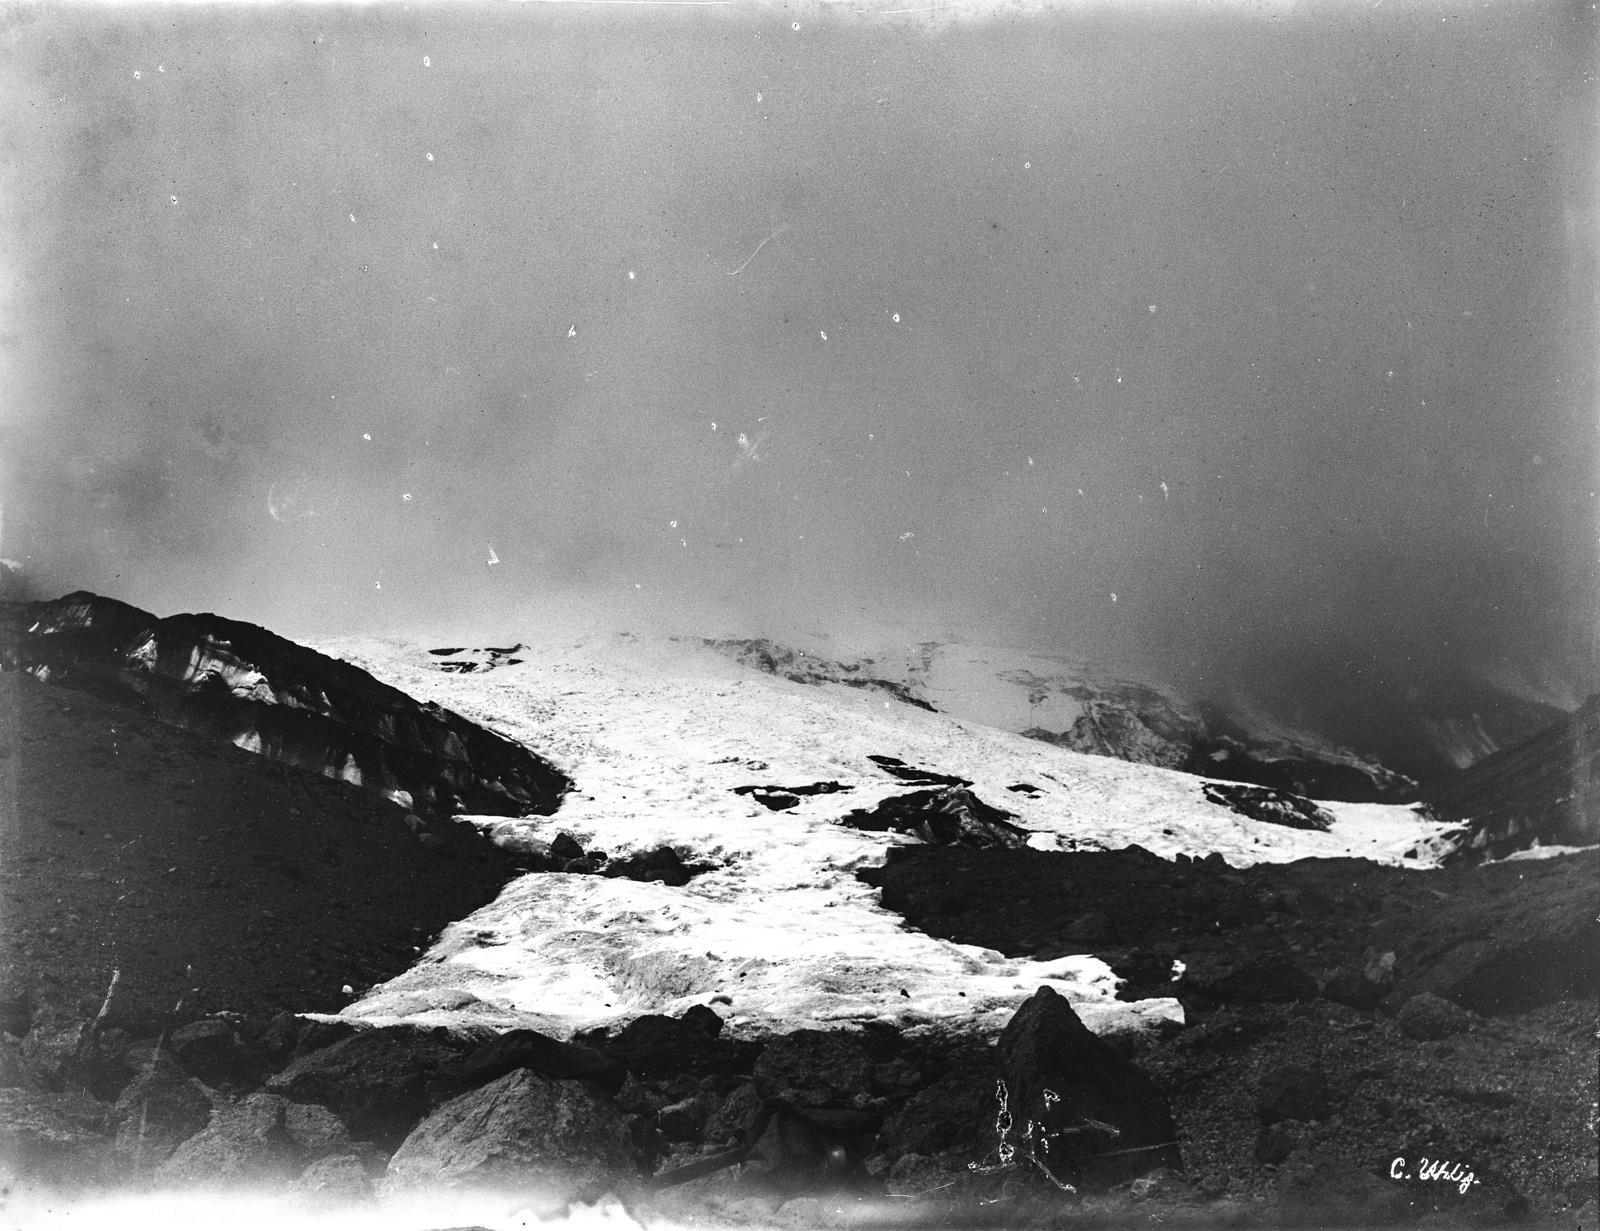 157. Заснеженный пейзаж на Килиманджаро